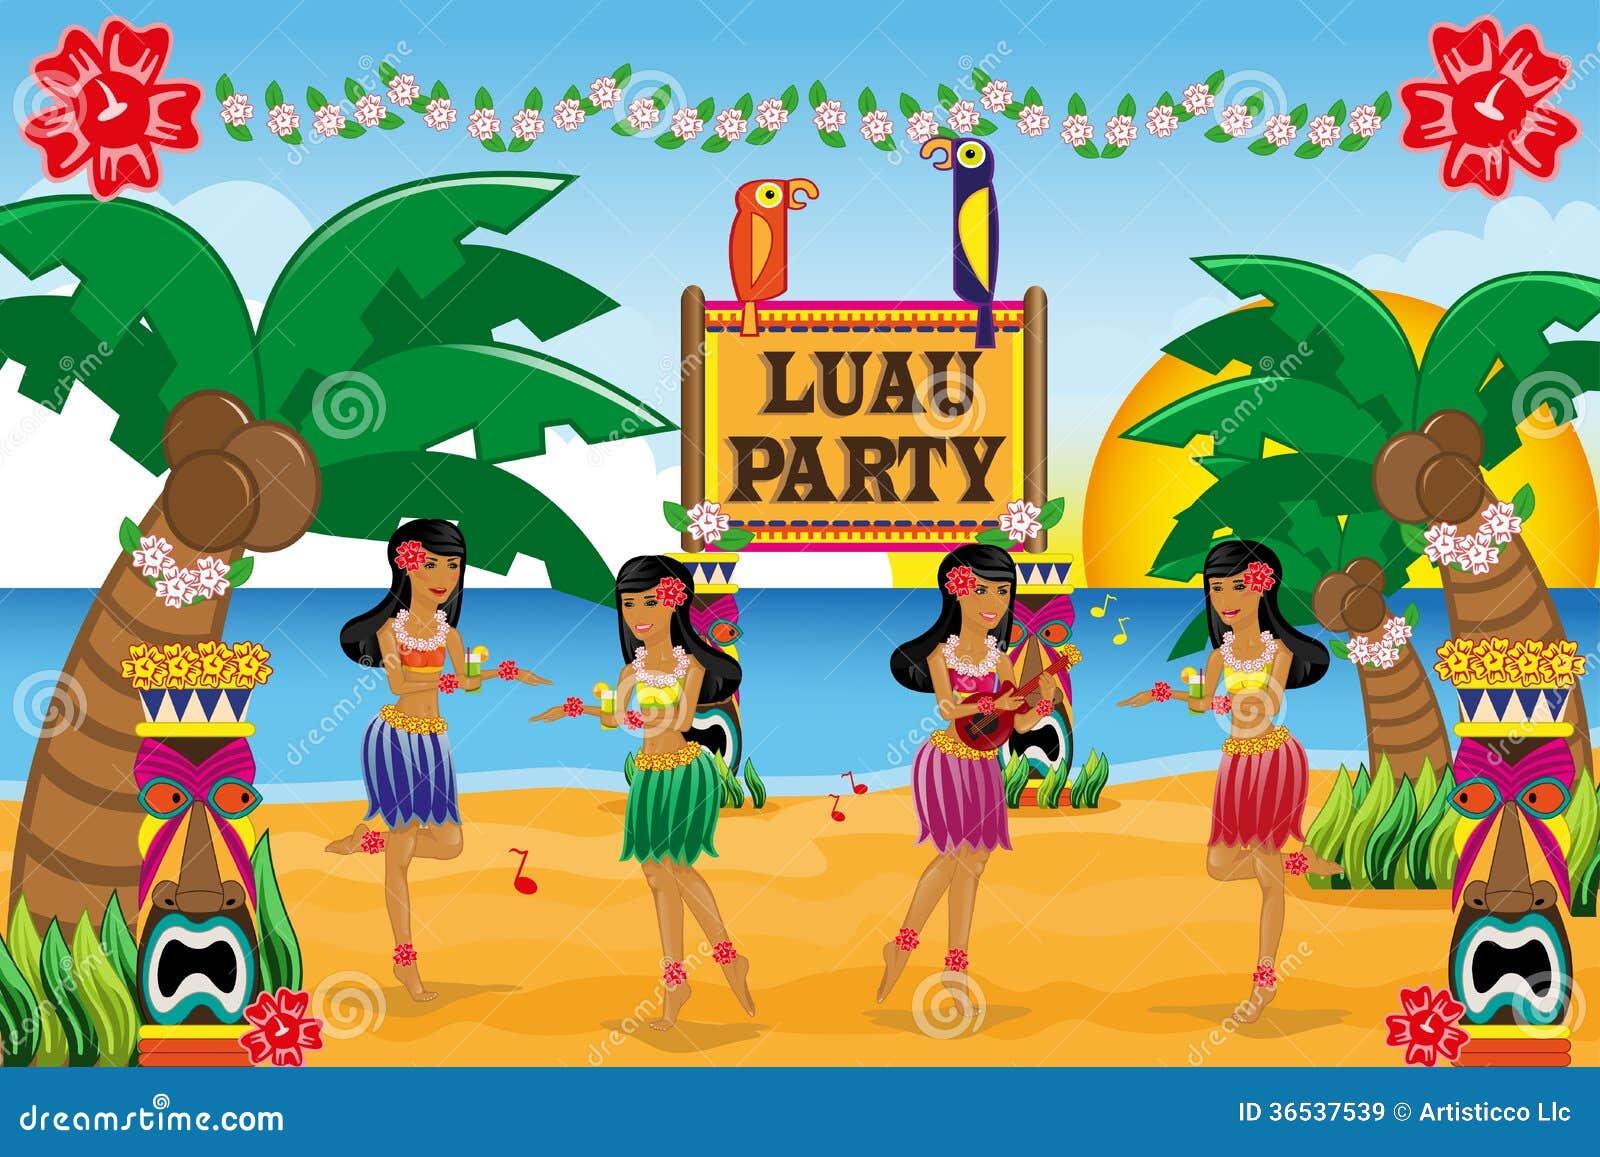 The Hawaiian Hula Boys Hawaii - Land Of Dreams